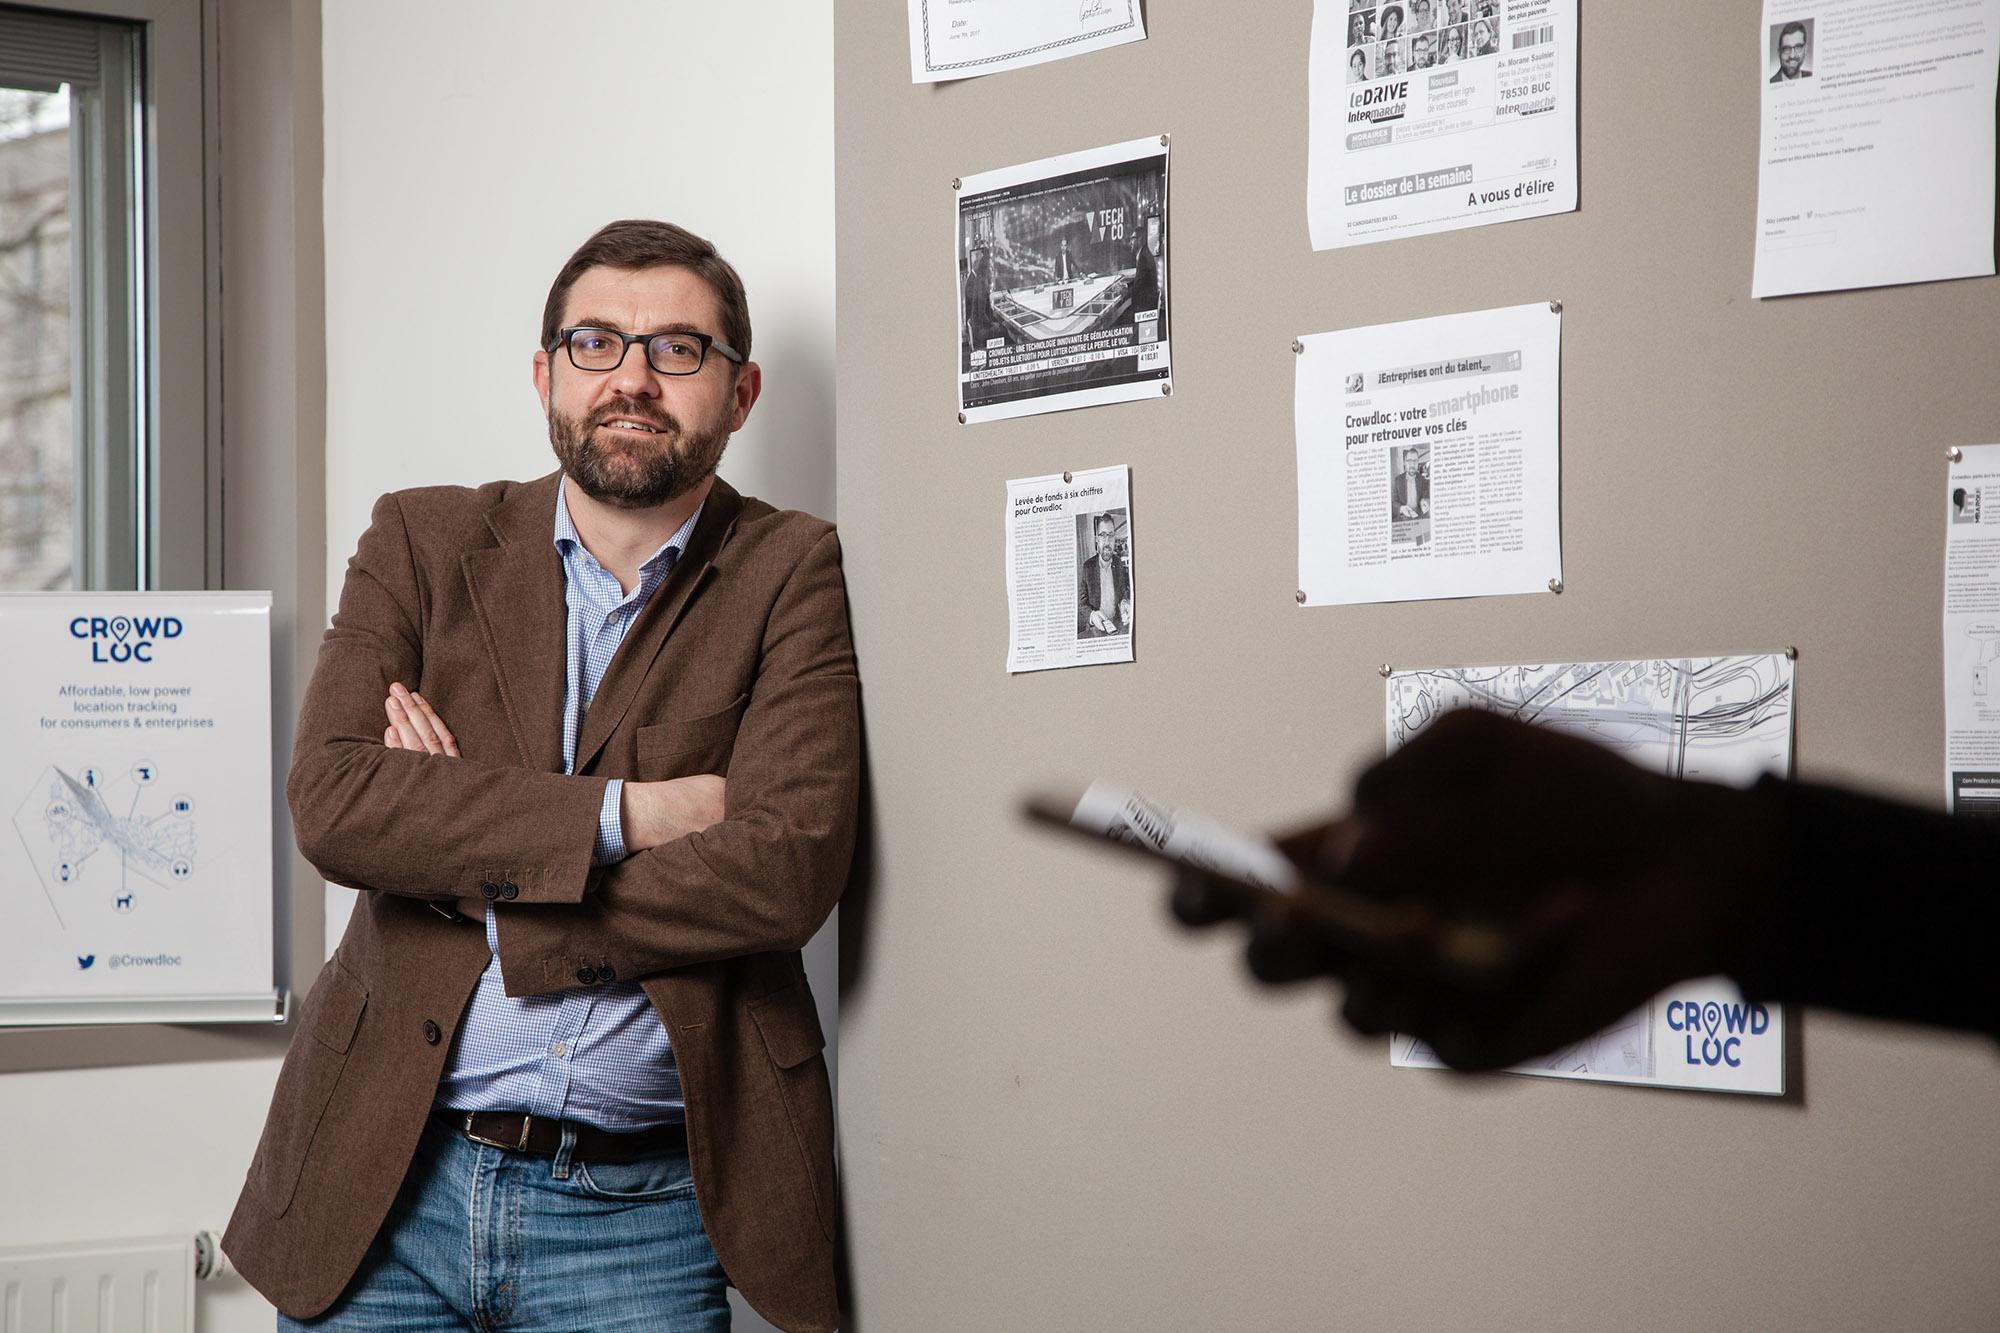 Nicolas Privat, Fondateur de la start-up Corwdloc. Pour Le Point. janvier 2018.